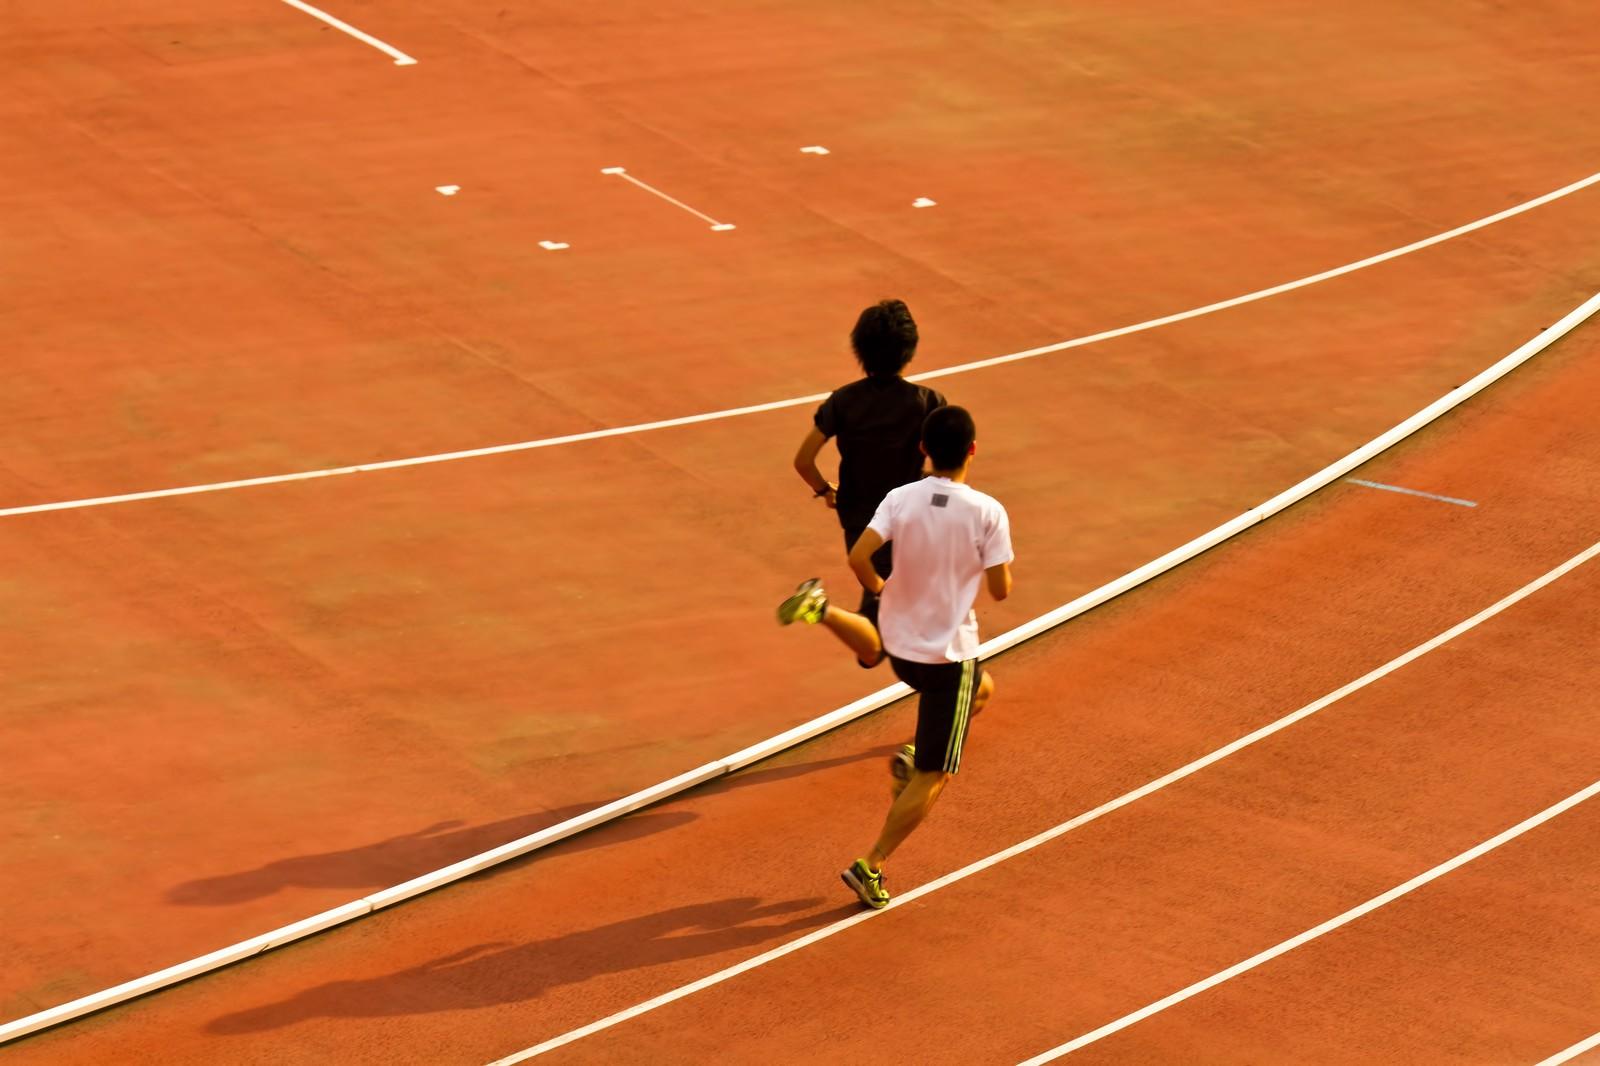 【1500m走の練習方法】元陸上部が教える5分切るためのコツ